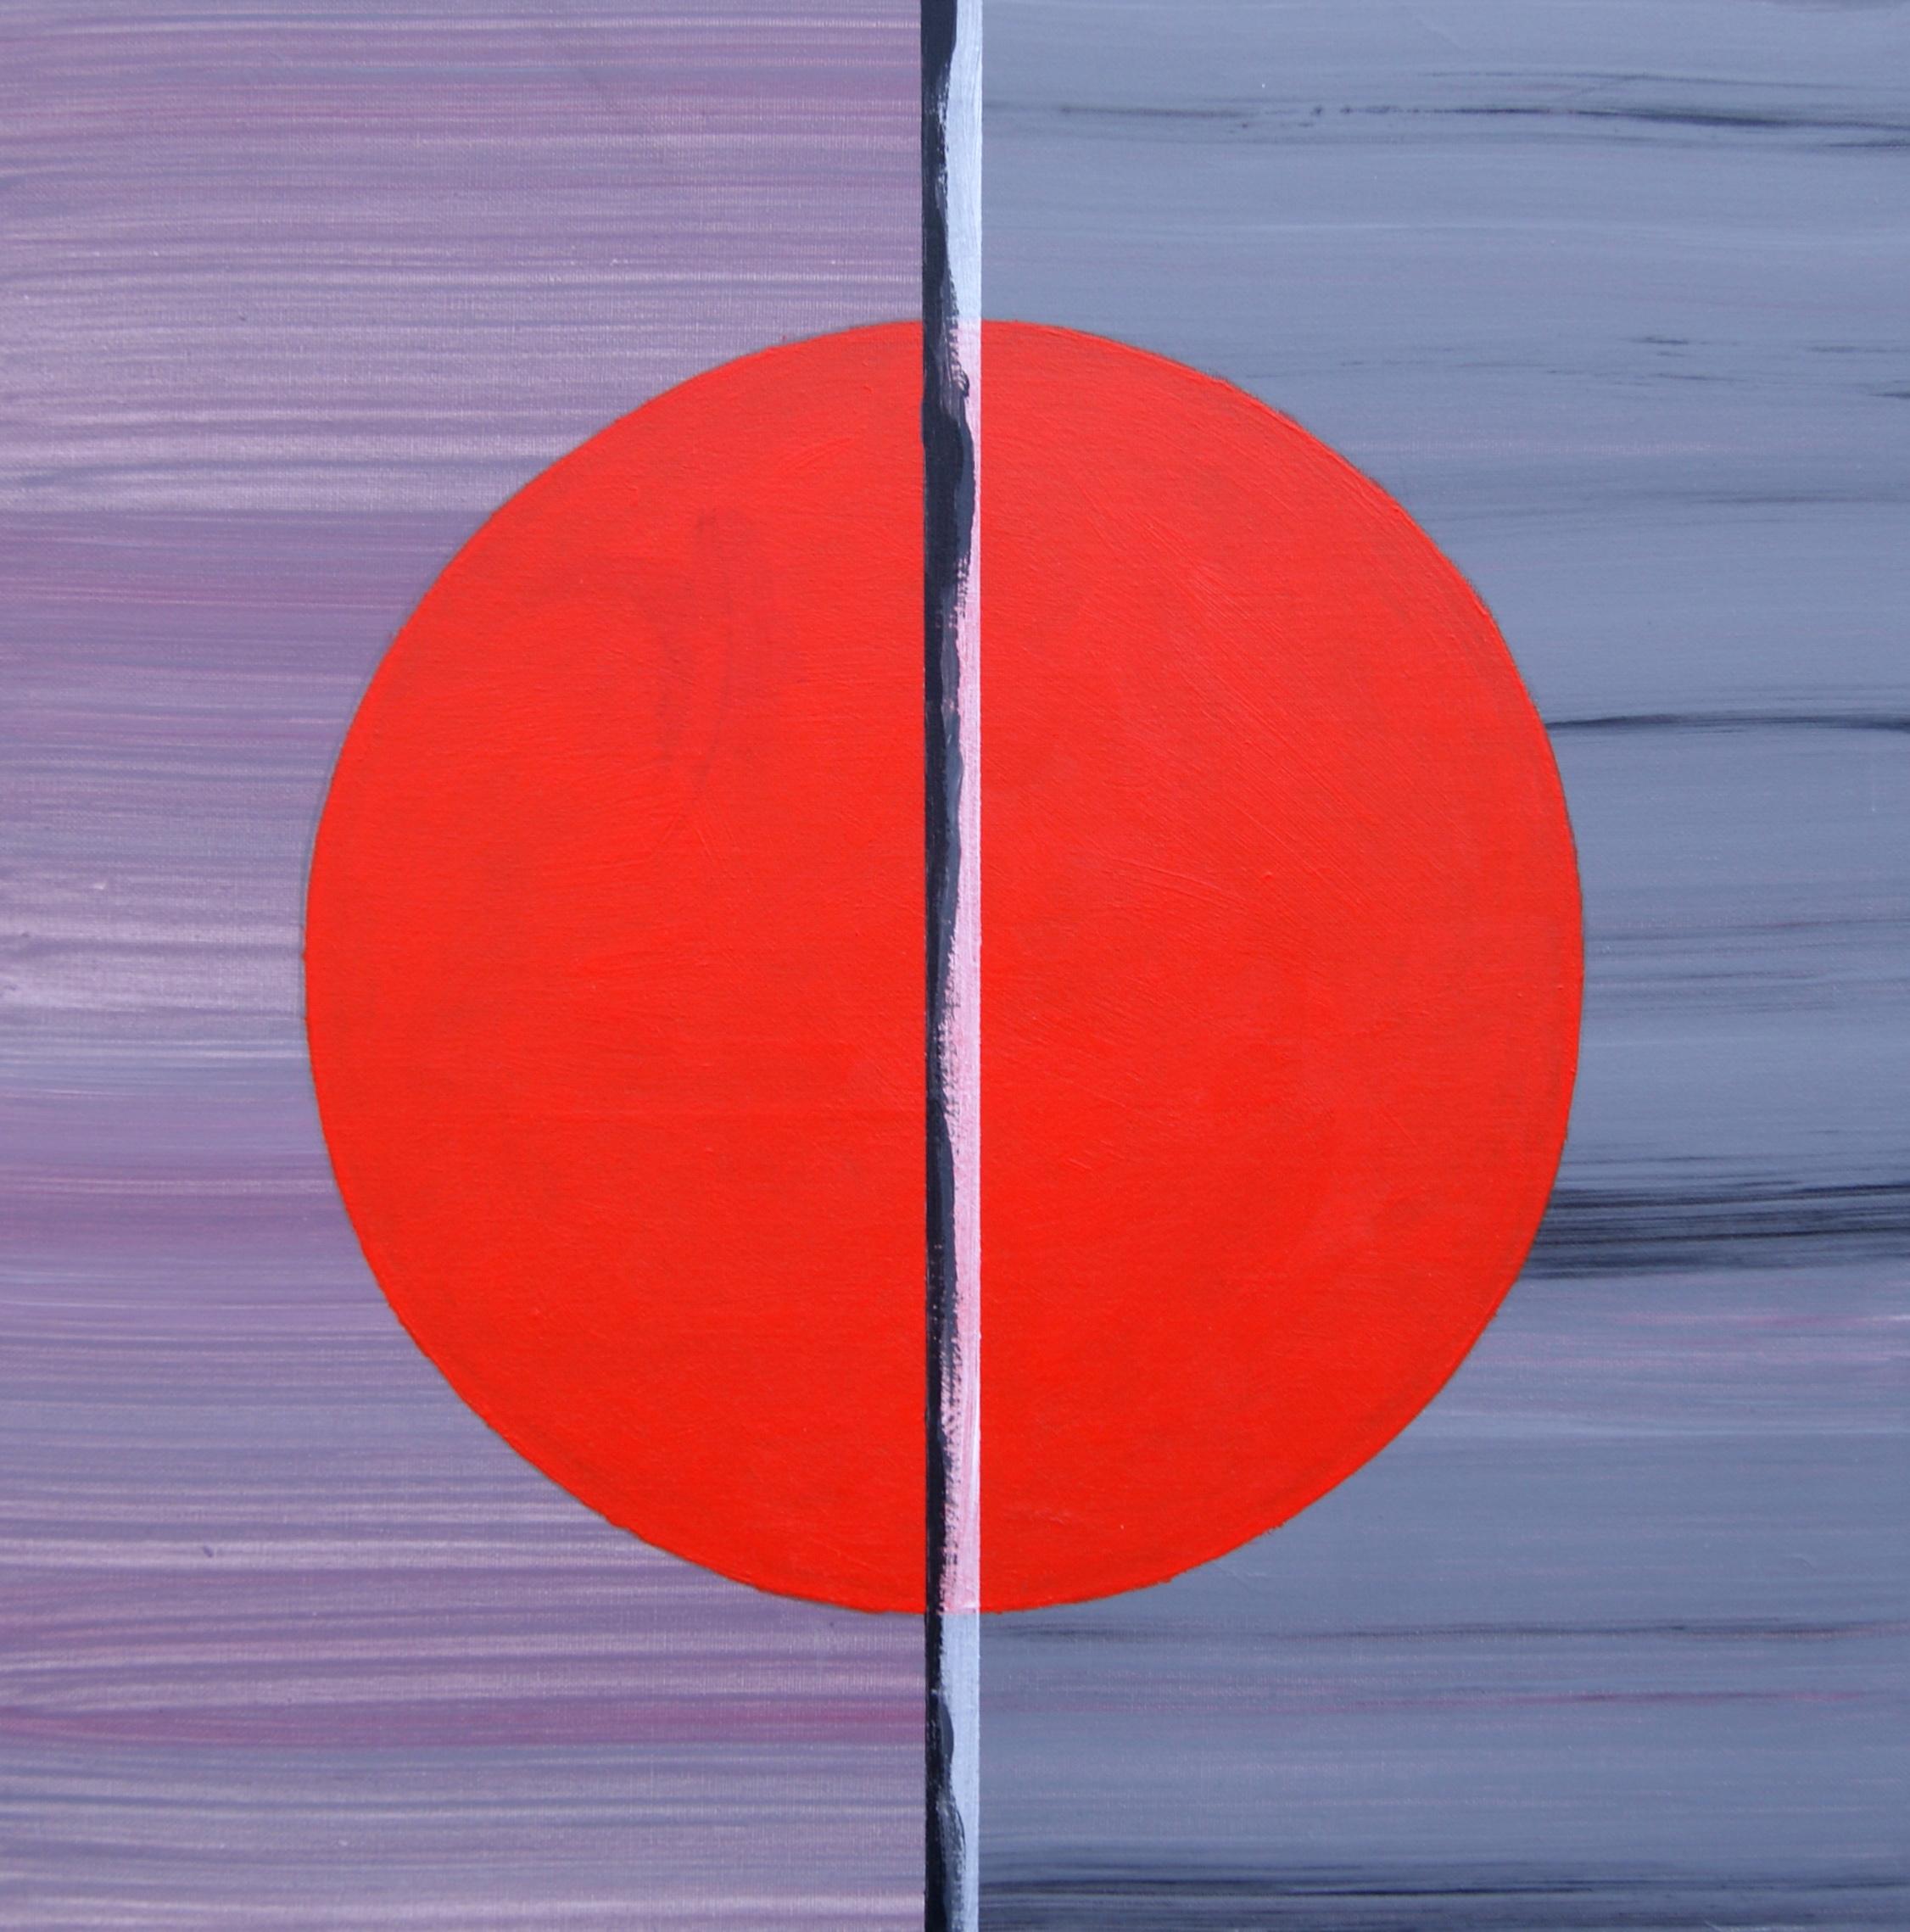 Motief 6b, 2007, 50x50 cm, acryl op katoen